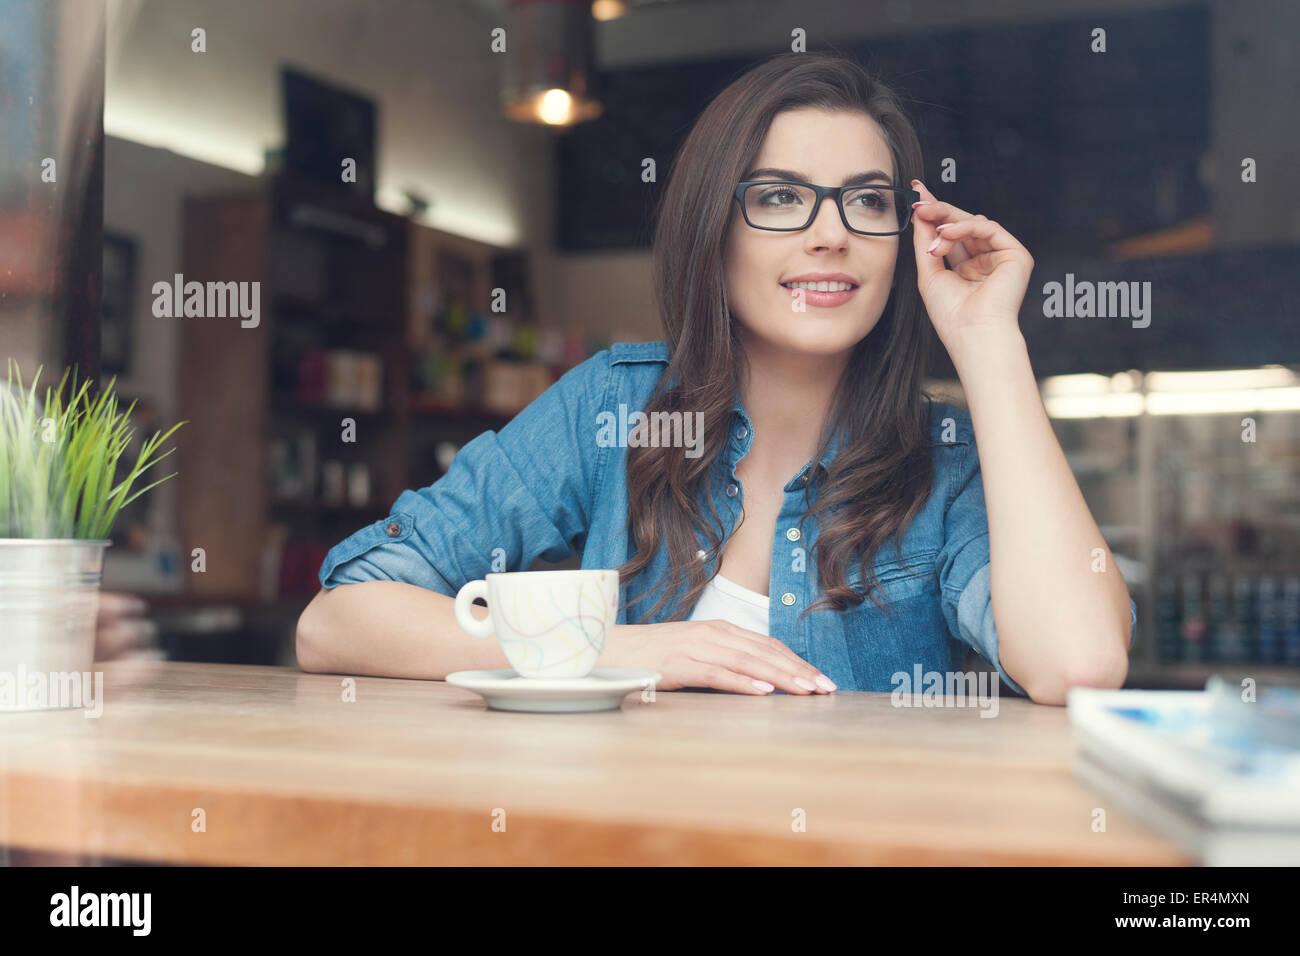 Portrait de belle femme au café. Cracovie, Pologne Banque D'Images